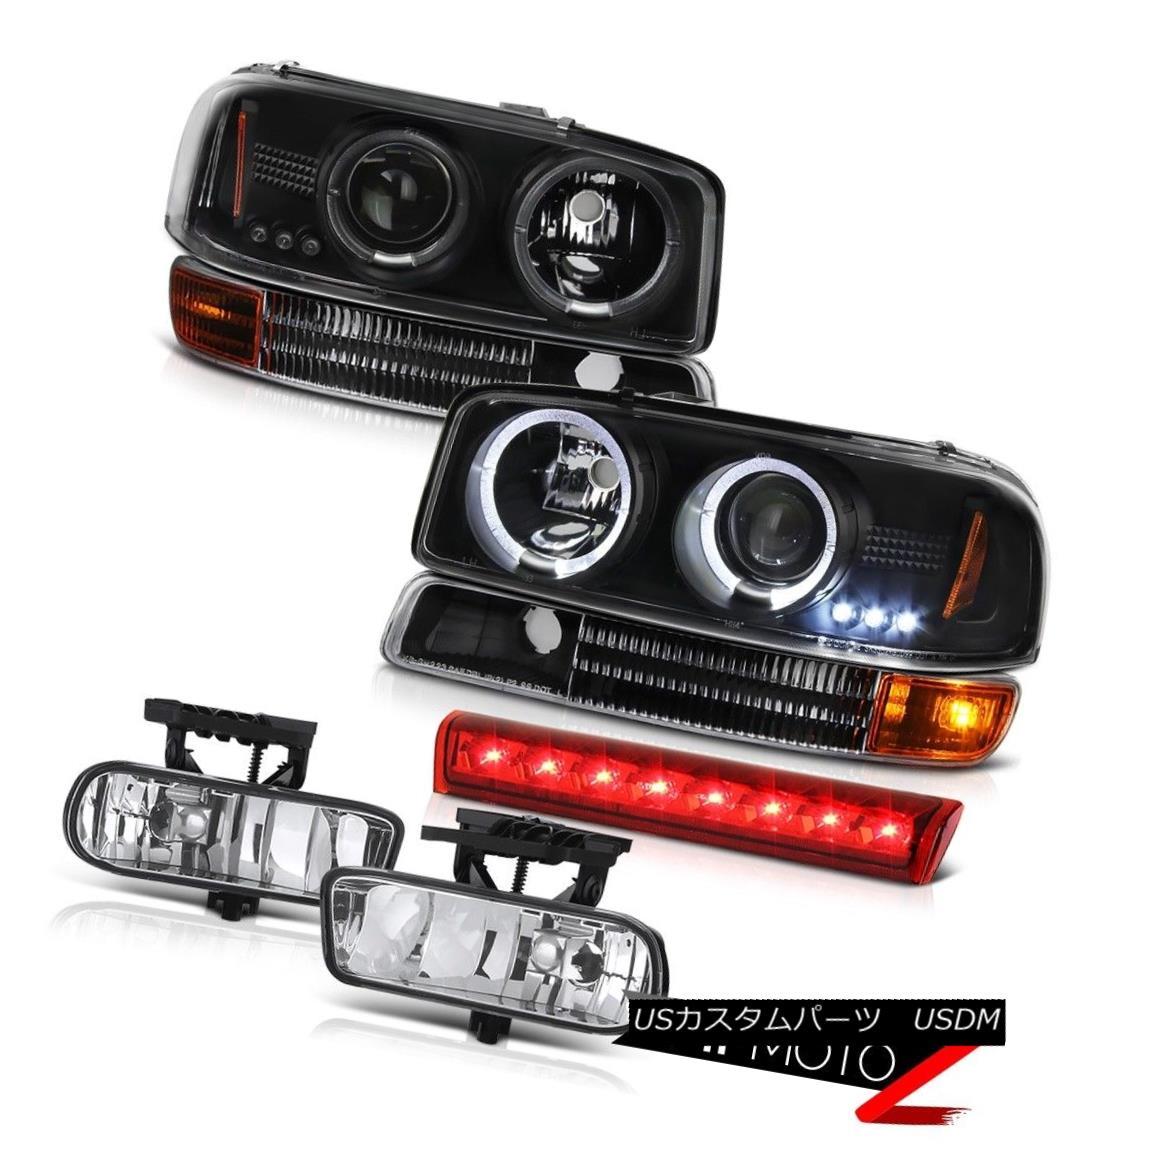 ヘッドライト Projector Black Headlights Bumper 2000-2006 Yukon FogLights Red Third Brake LED プロジェクターブラックヘッドライトバンパー2000-2006 Yukon FogLightsレッド第3ブレーキLED